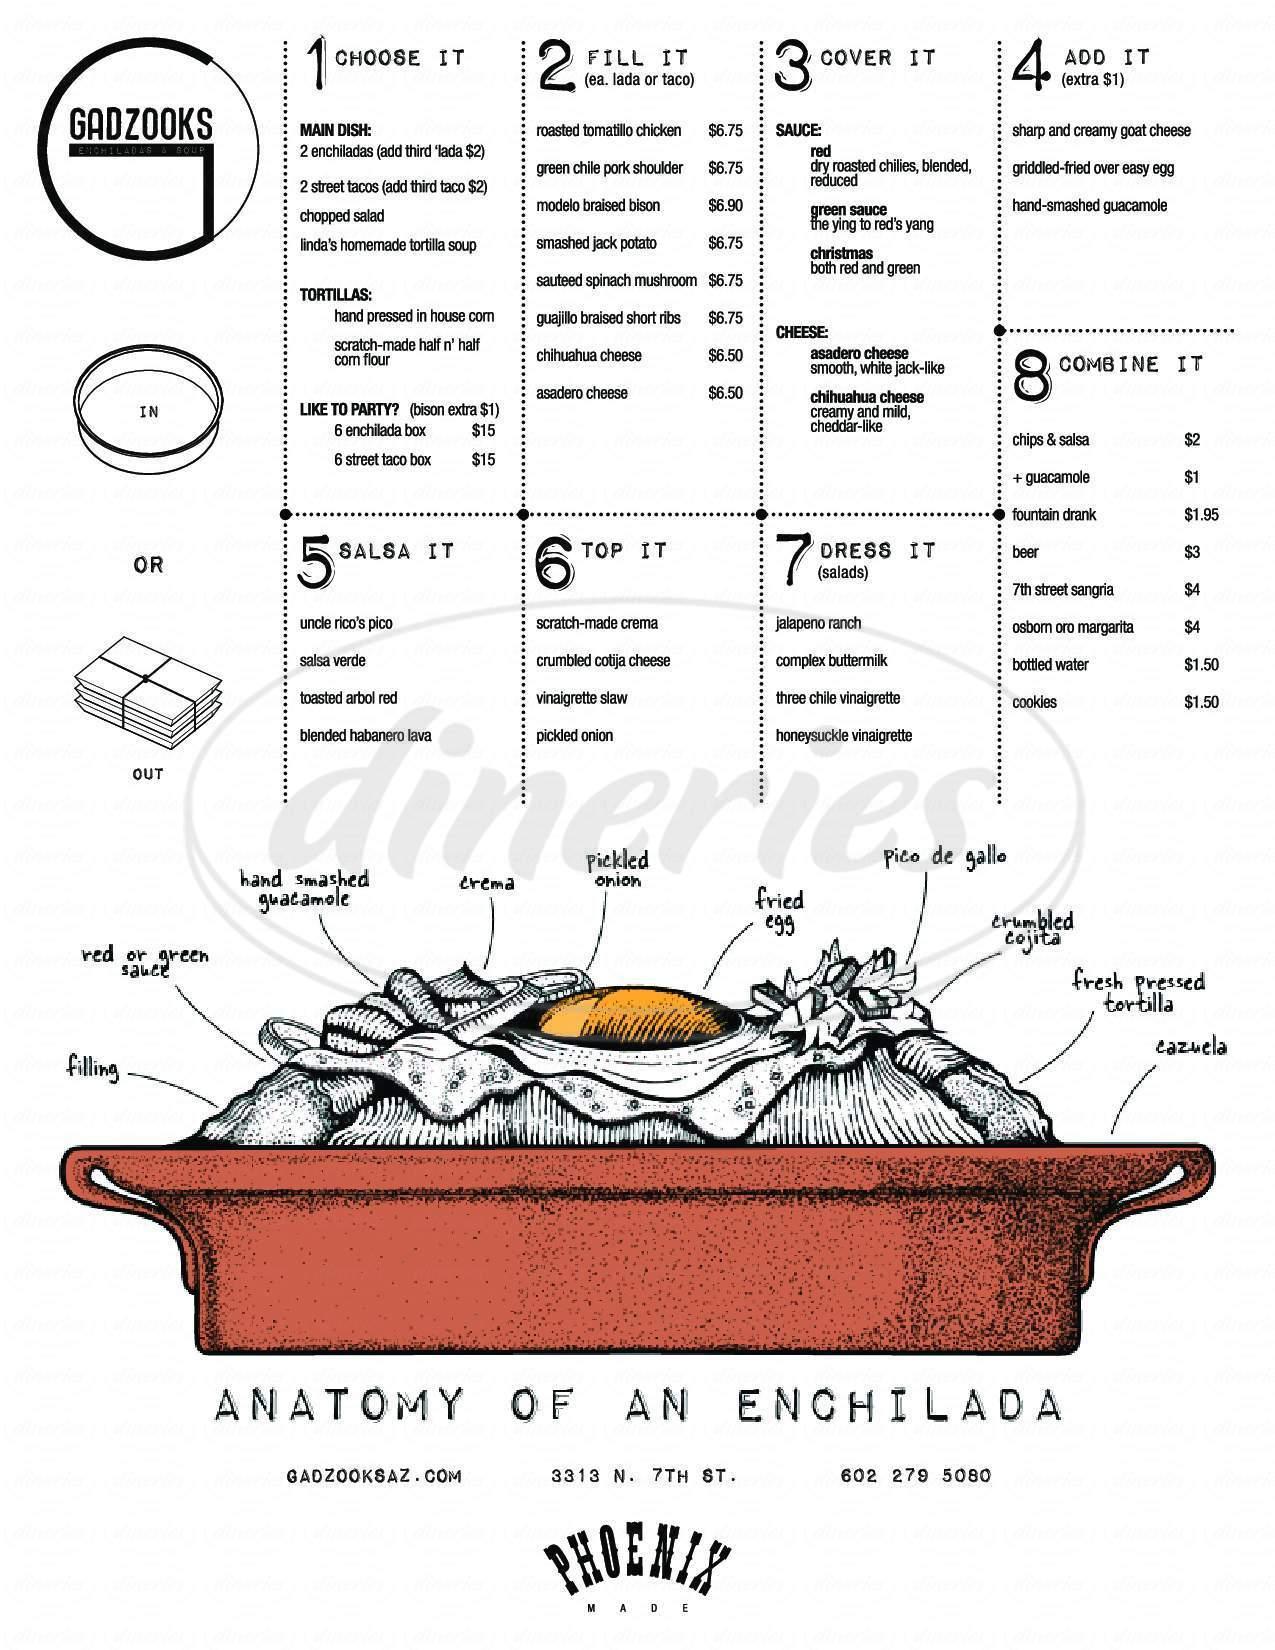 menu for Gadzooks Enchiladas & Soup